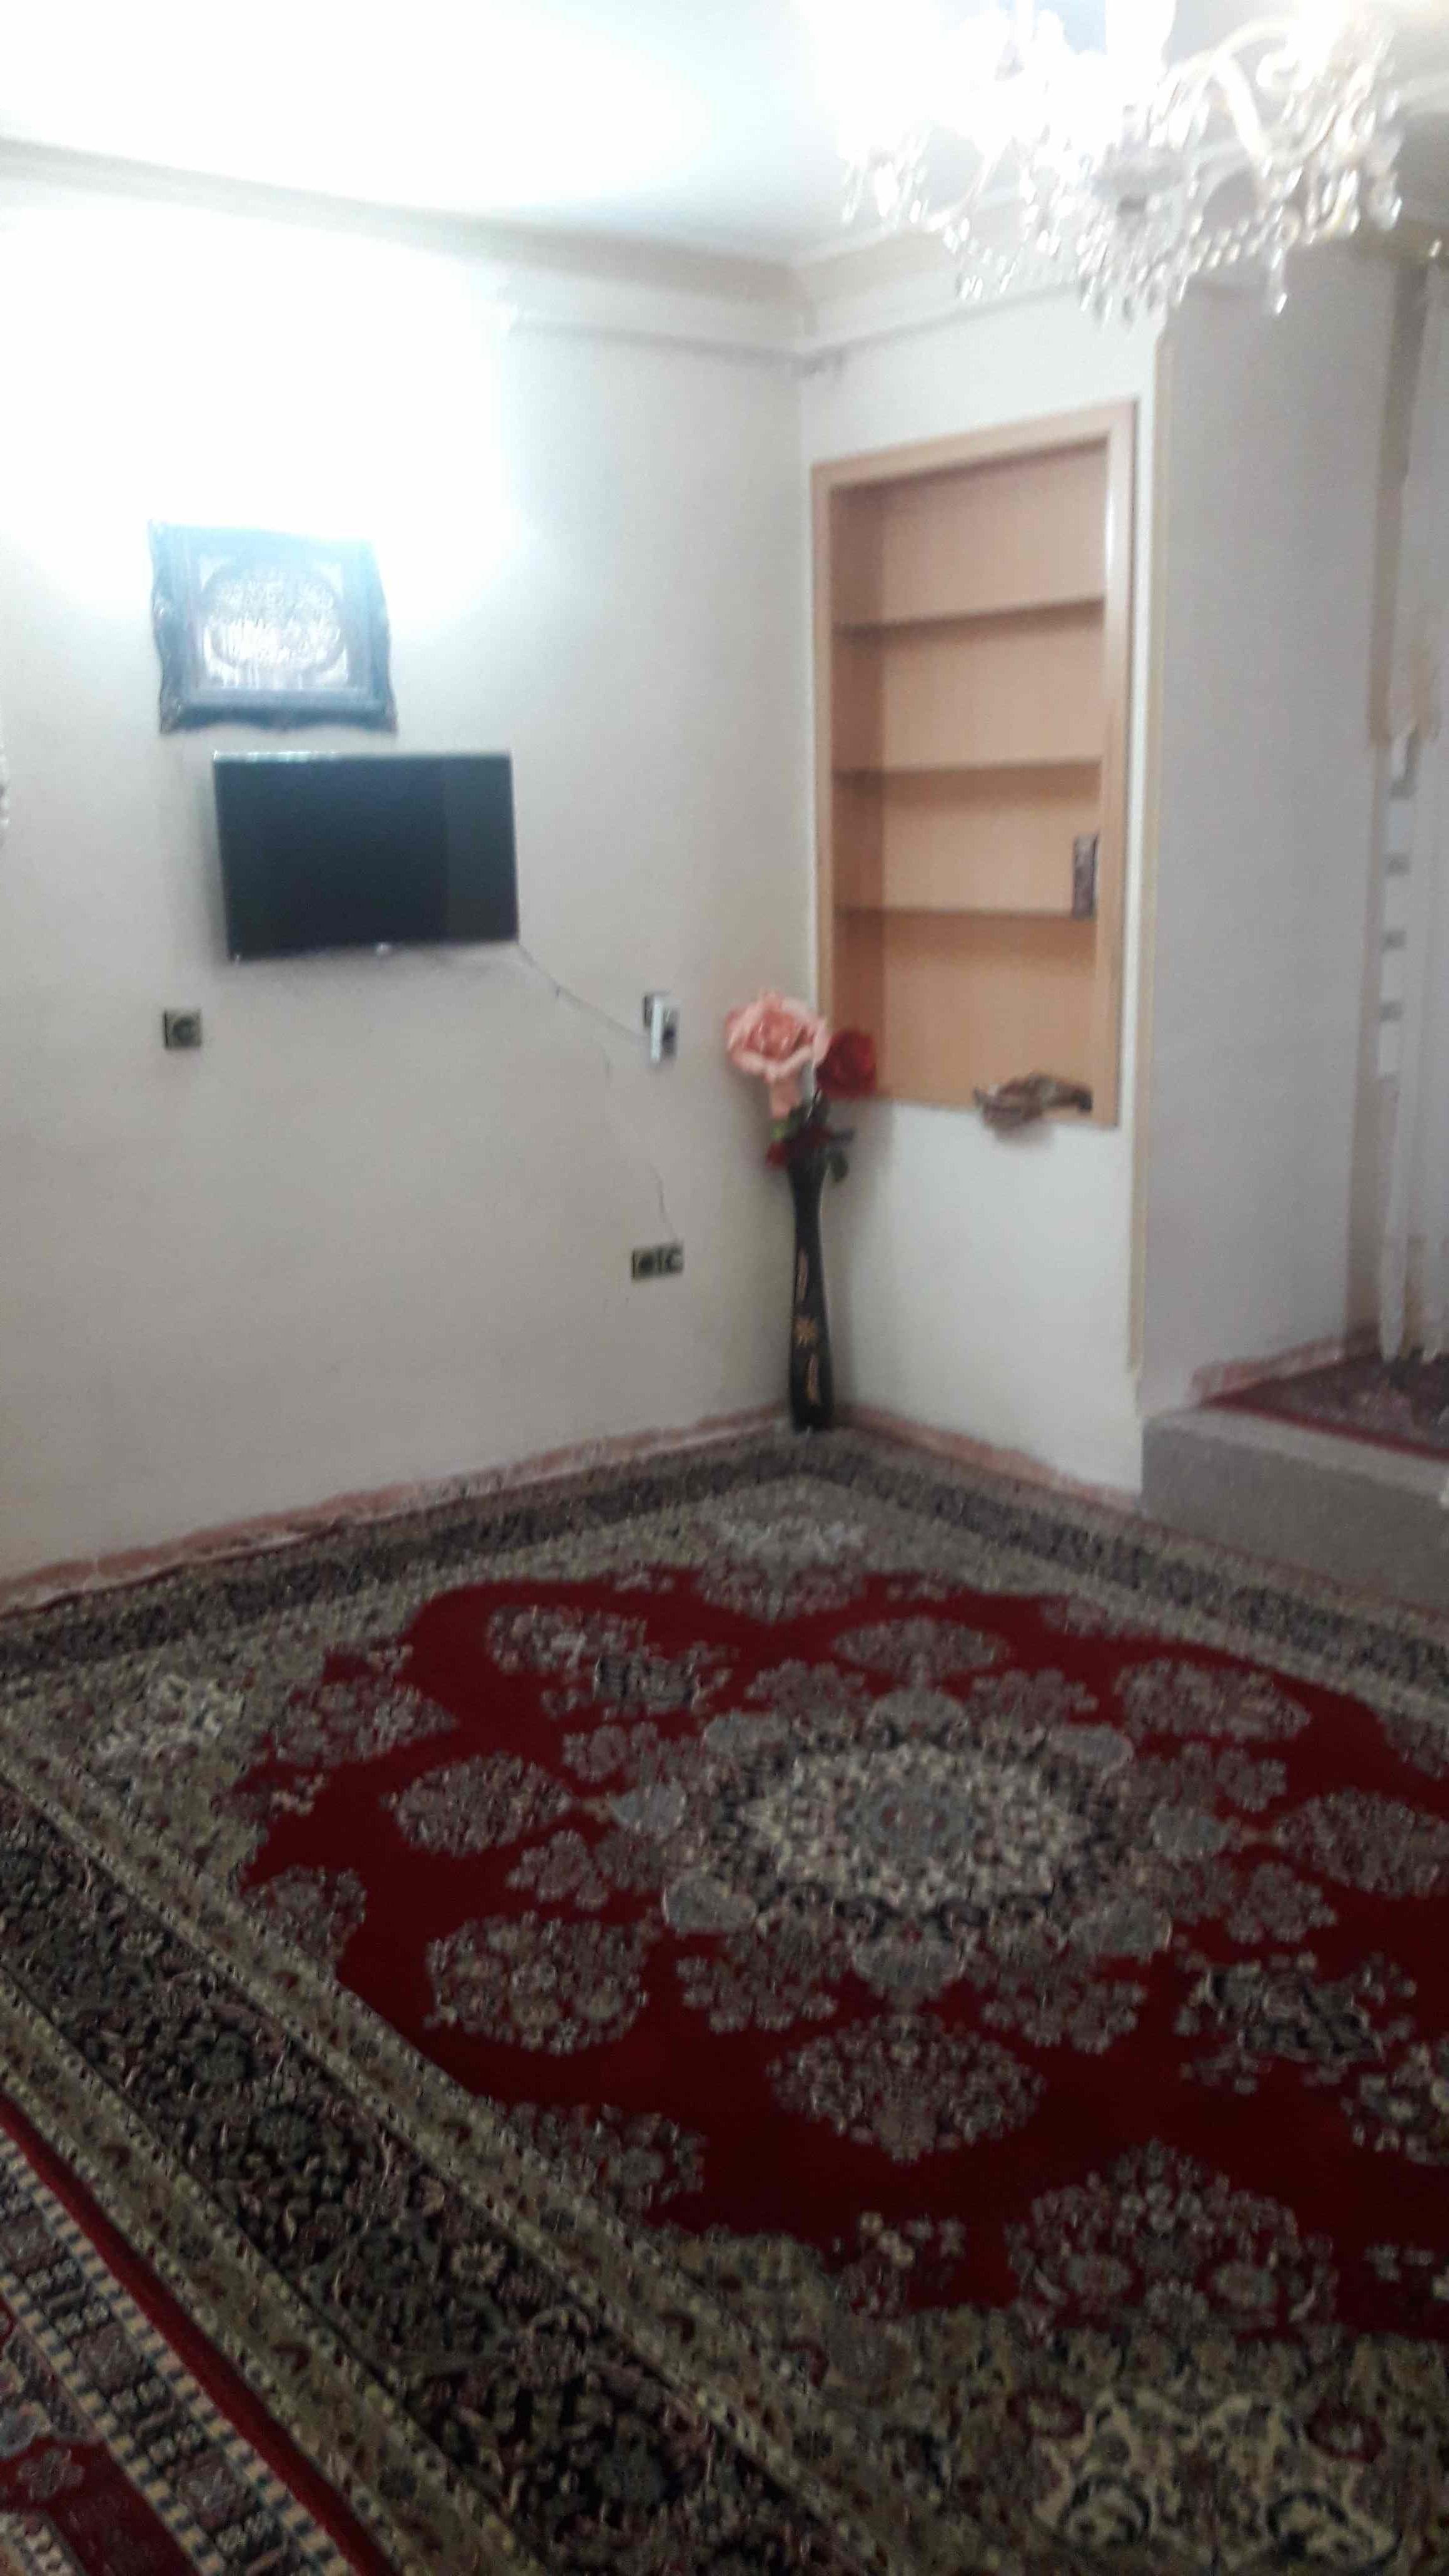 شهری سوئیت آپارتمان   در یزد